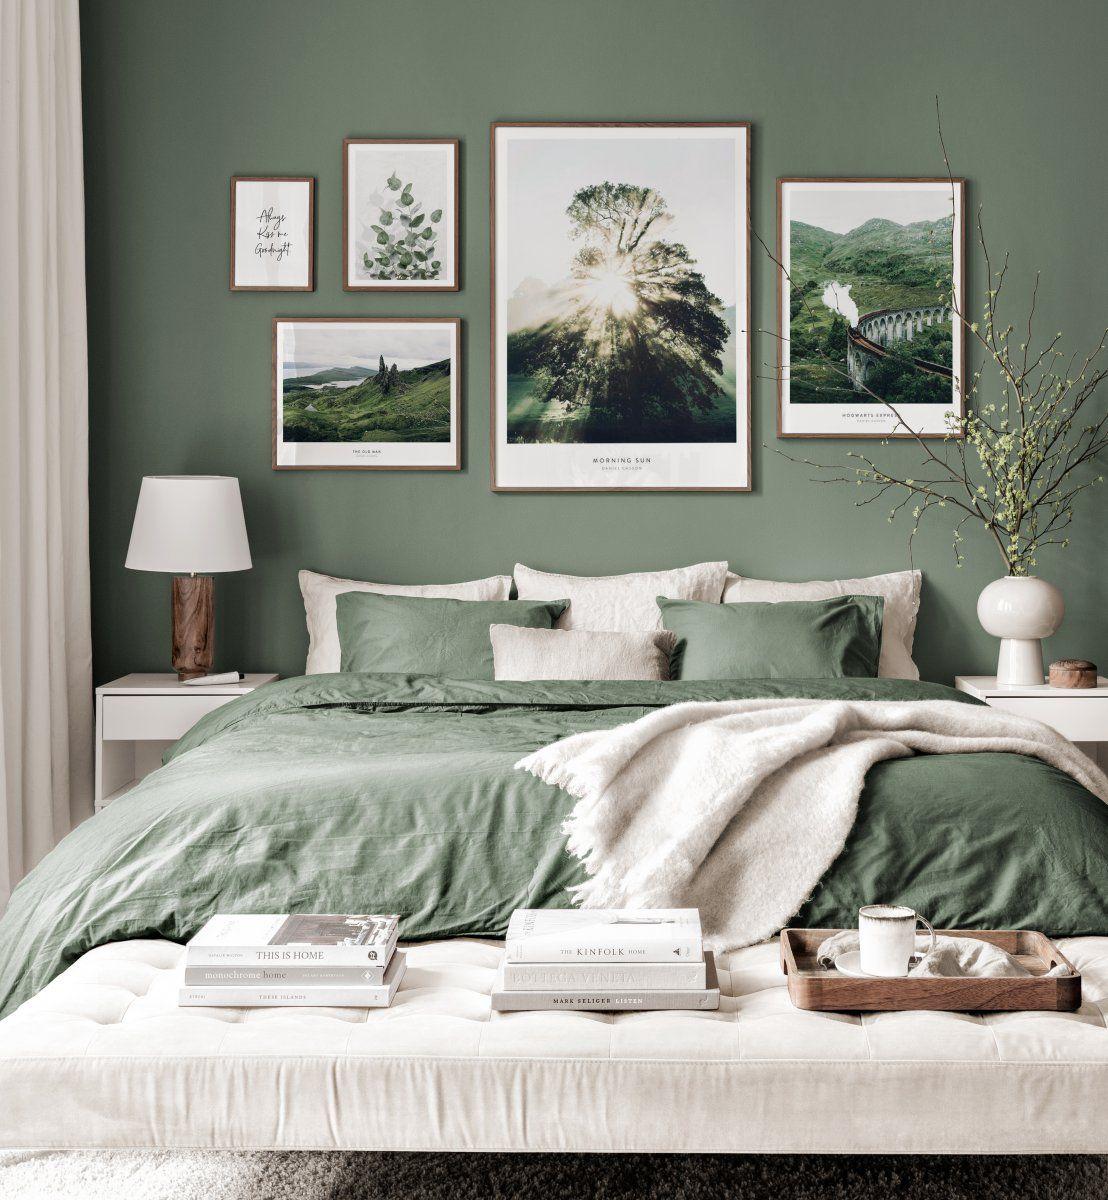 Schottische Bilderwand Naturposter grünes Interior Walnussrahmen